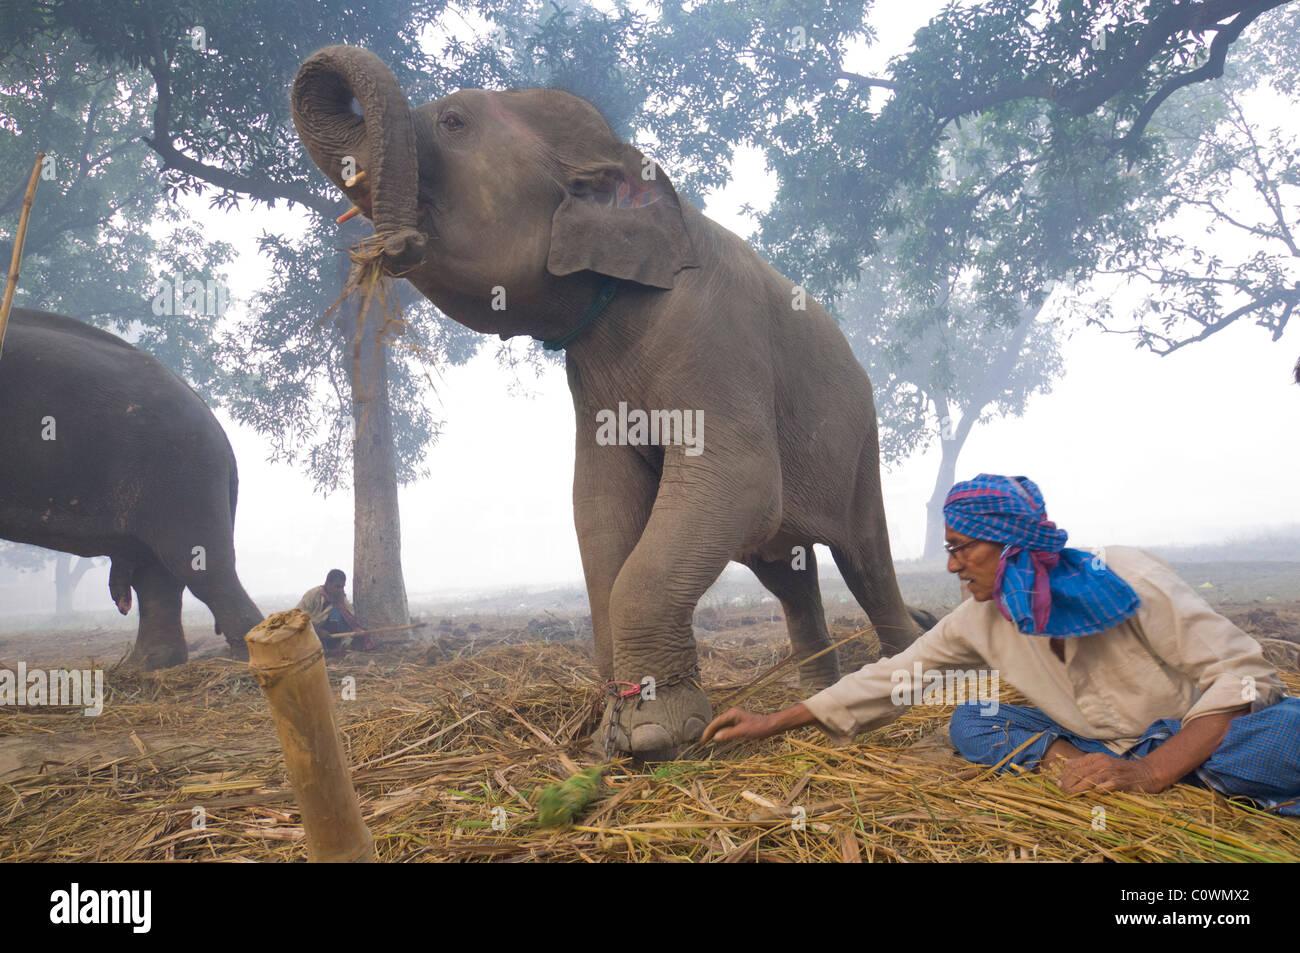 Elefanten zu verkaufen, mit seinen Mahout im Haathi Basar, Sonepur Mela, Sonepur, Bihar, Indien Stockfoto